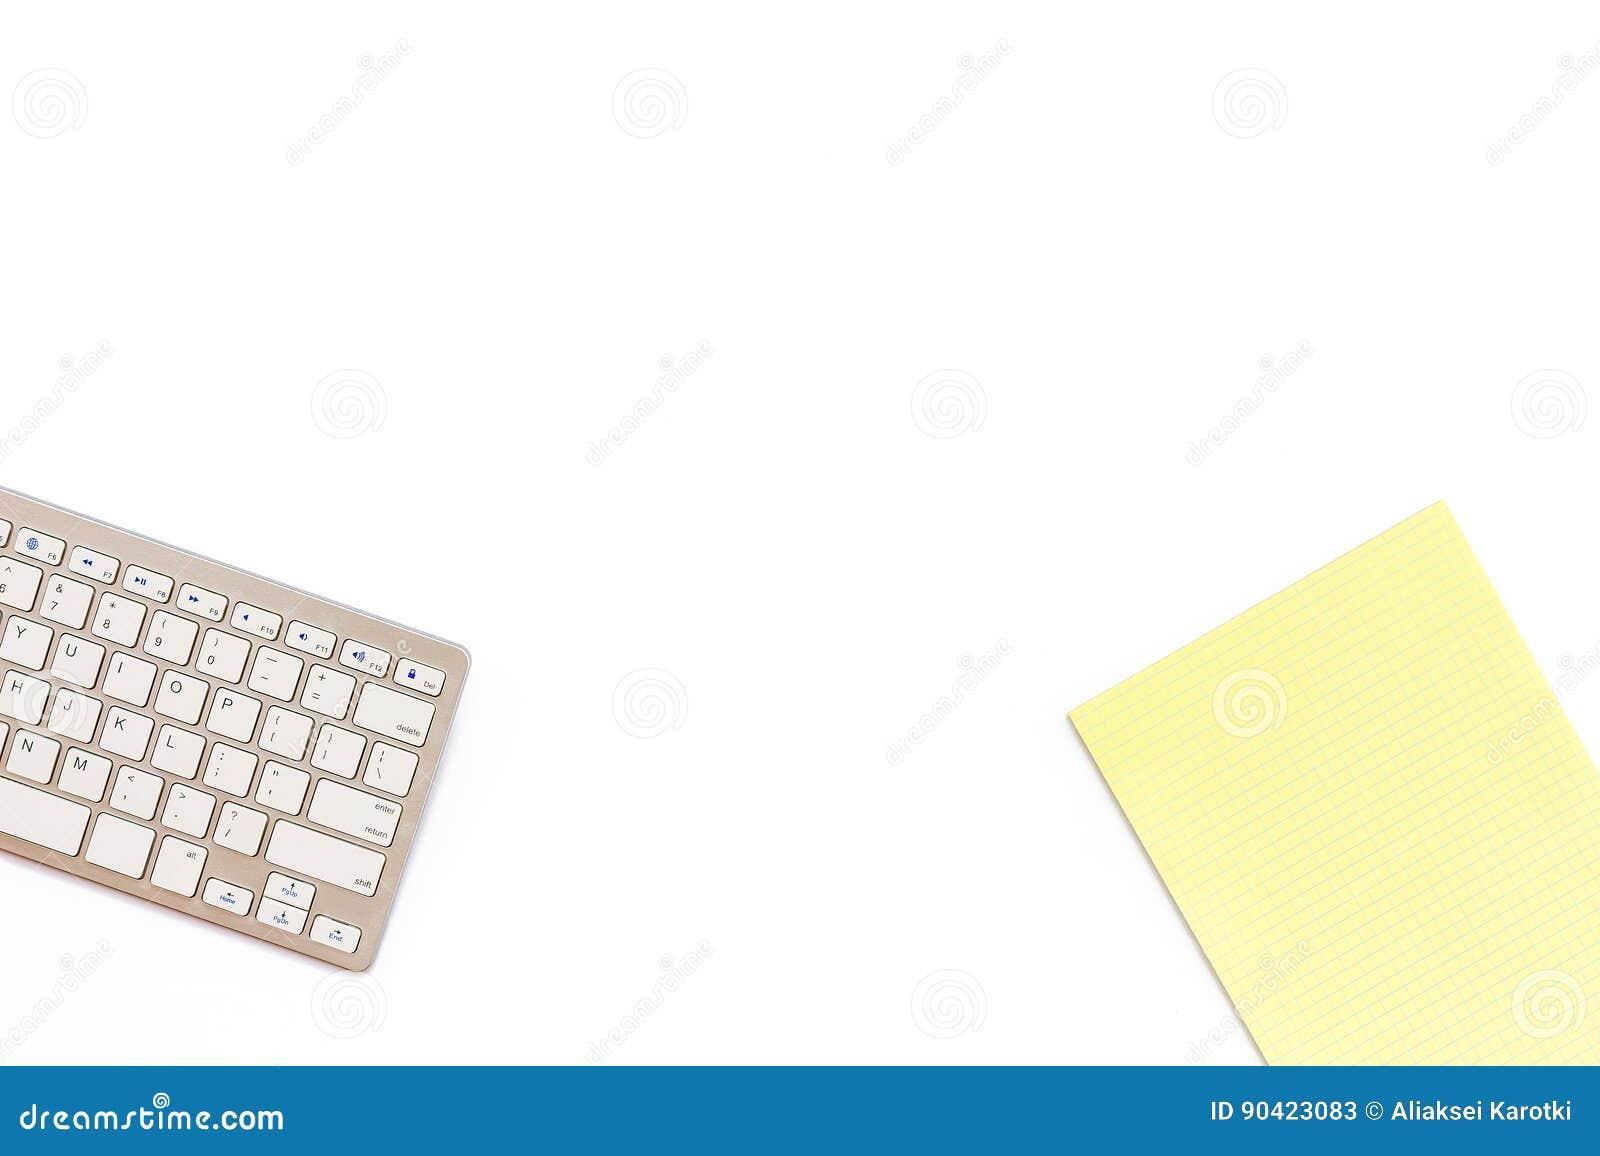 Biurko w biurze z klawiaturowym i żółtym Notepad na whi